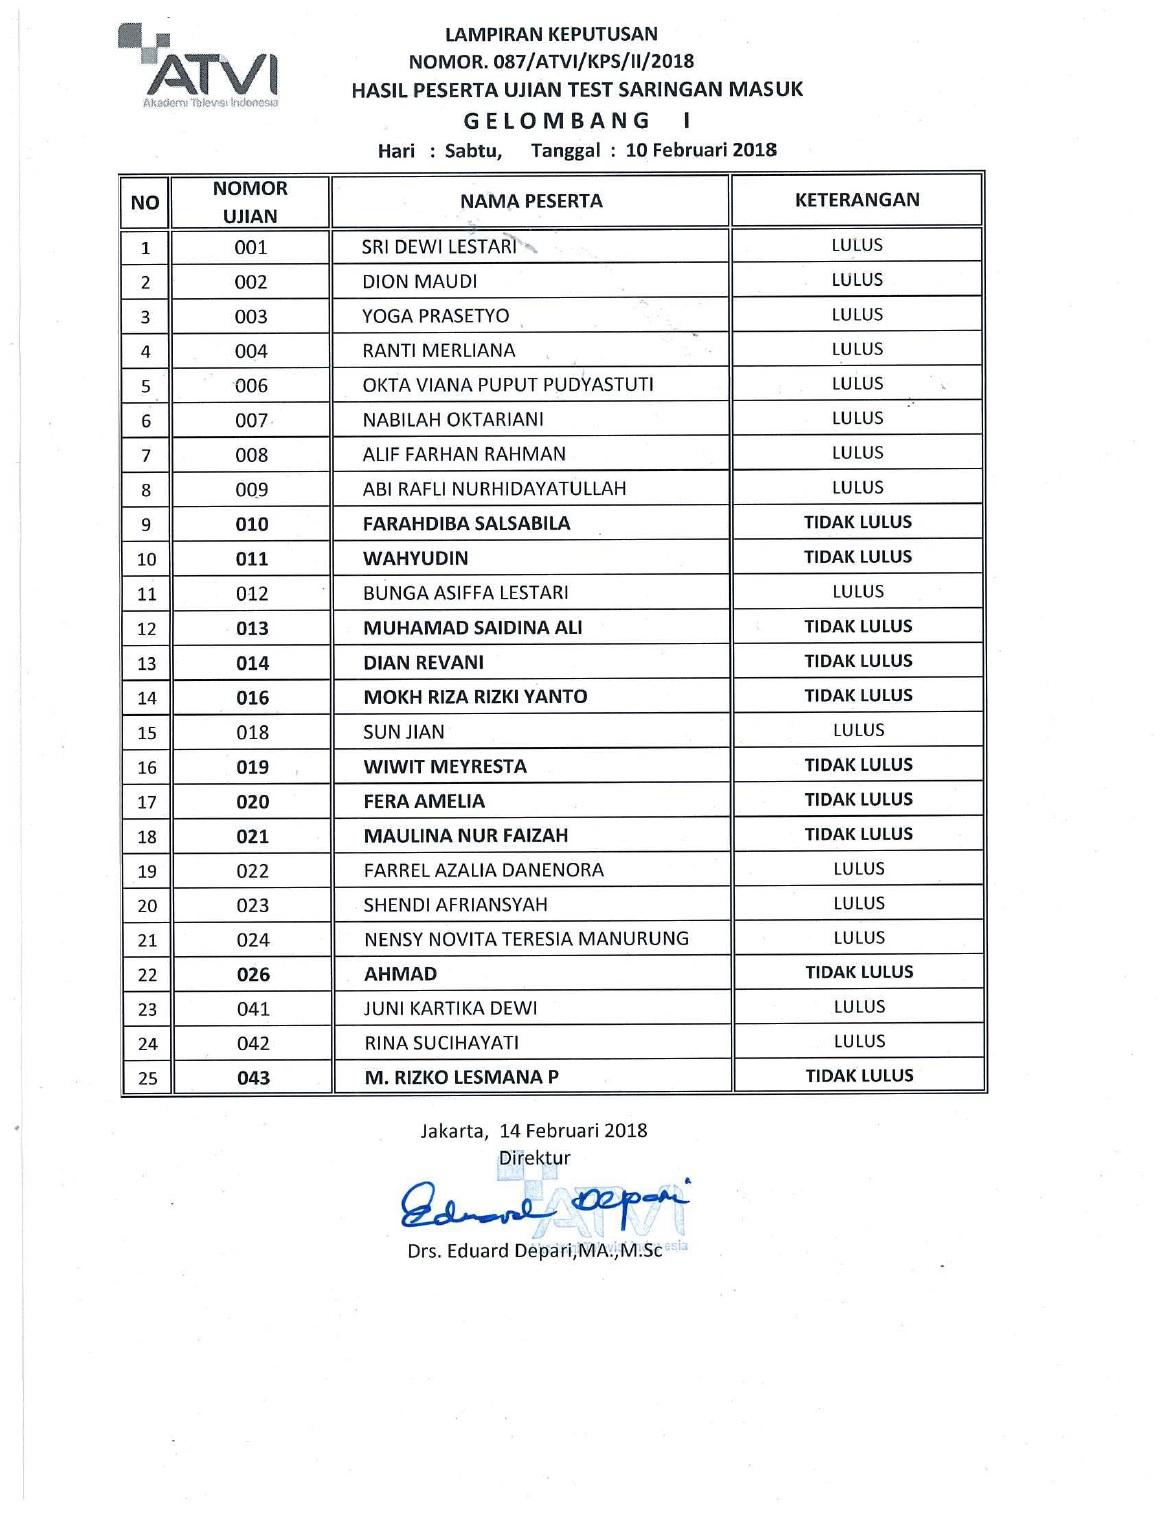 HASIL PESERTA UJIAN SARINGAN MASUK MAHASISWA BARU TAHUN AKADEMIK 2018-2019 GELOMBANG I 2